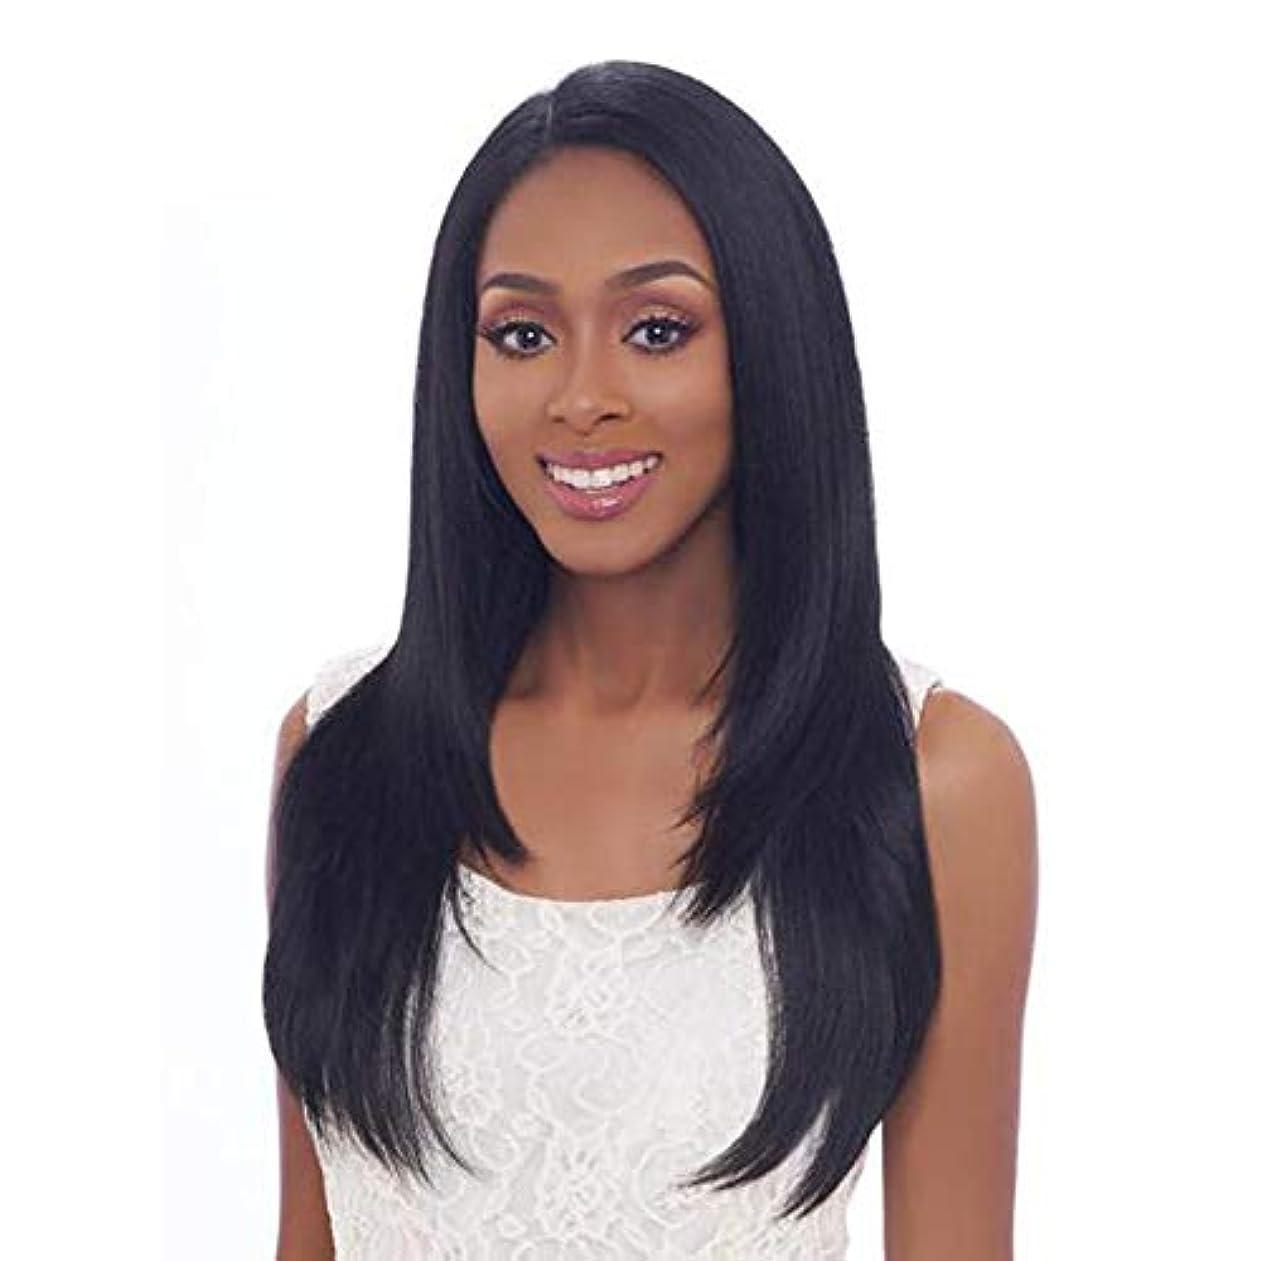 純粋な黄ばむオール黒の長いストレートヘアウィッグファッションナチュラルウィッグ24インチ